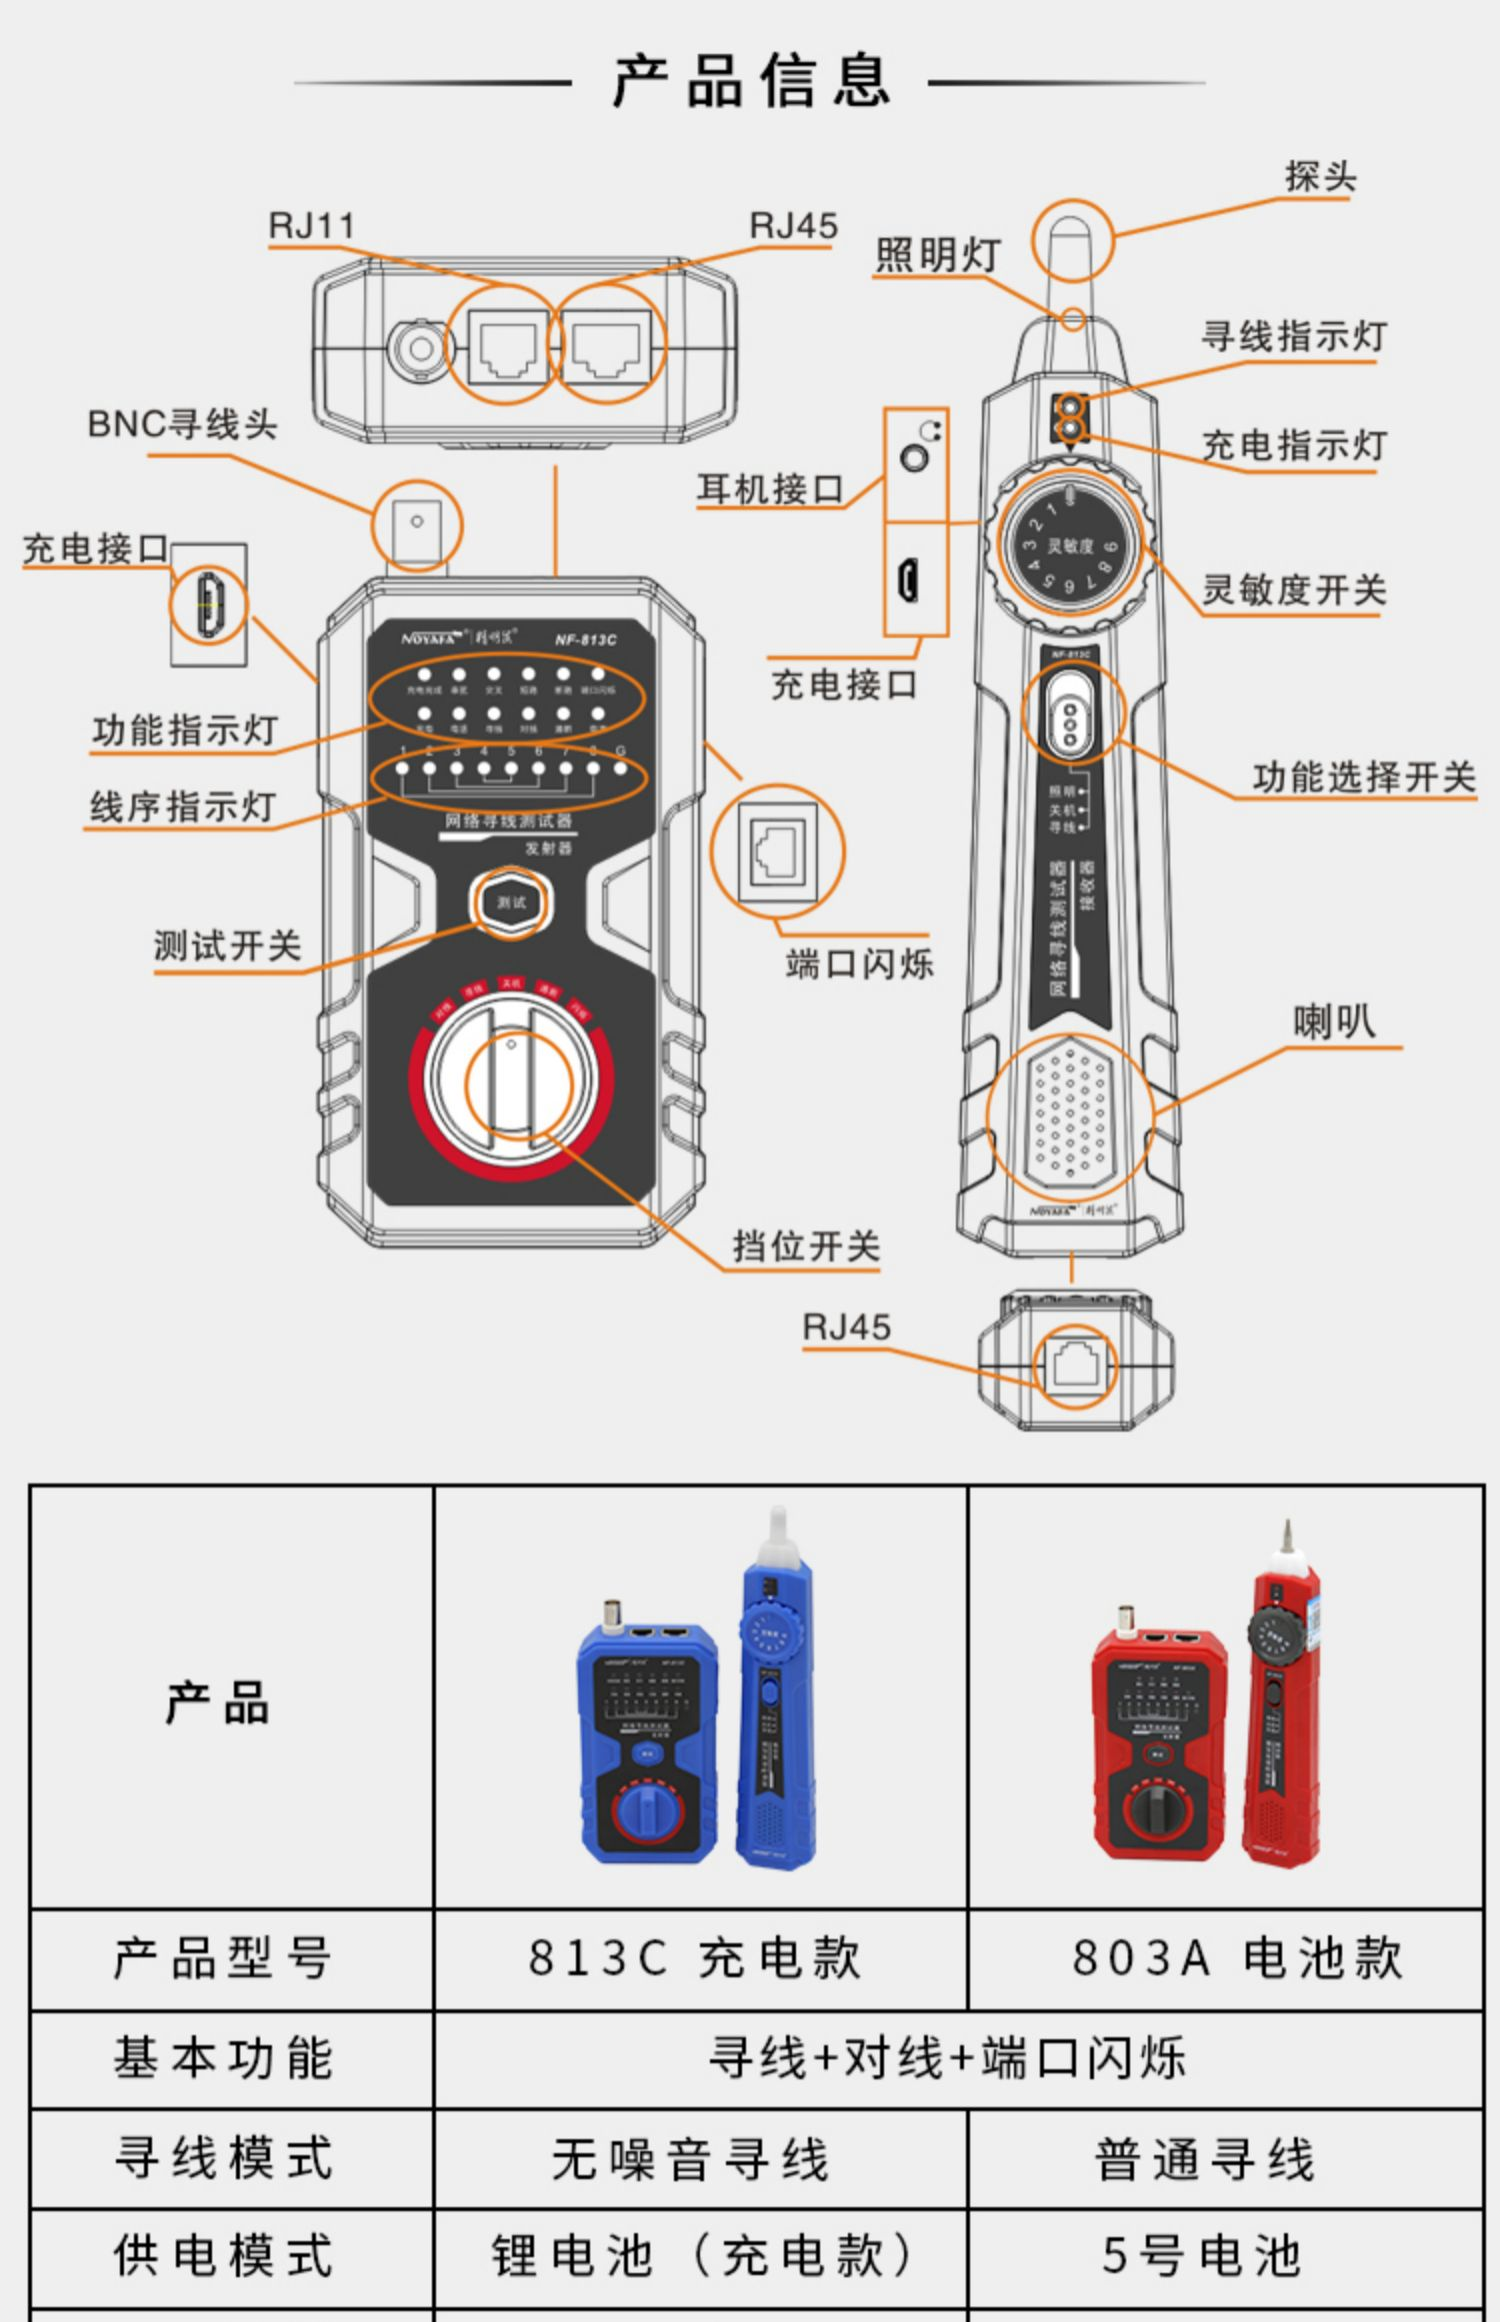 精明鼠充电式寻线仪NF-813c803a多功能寻线器网线精灵鼠查线器巡线仪商品详情图